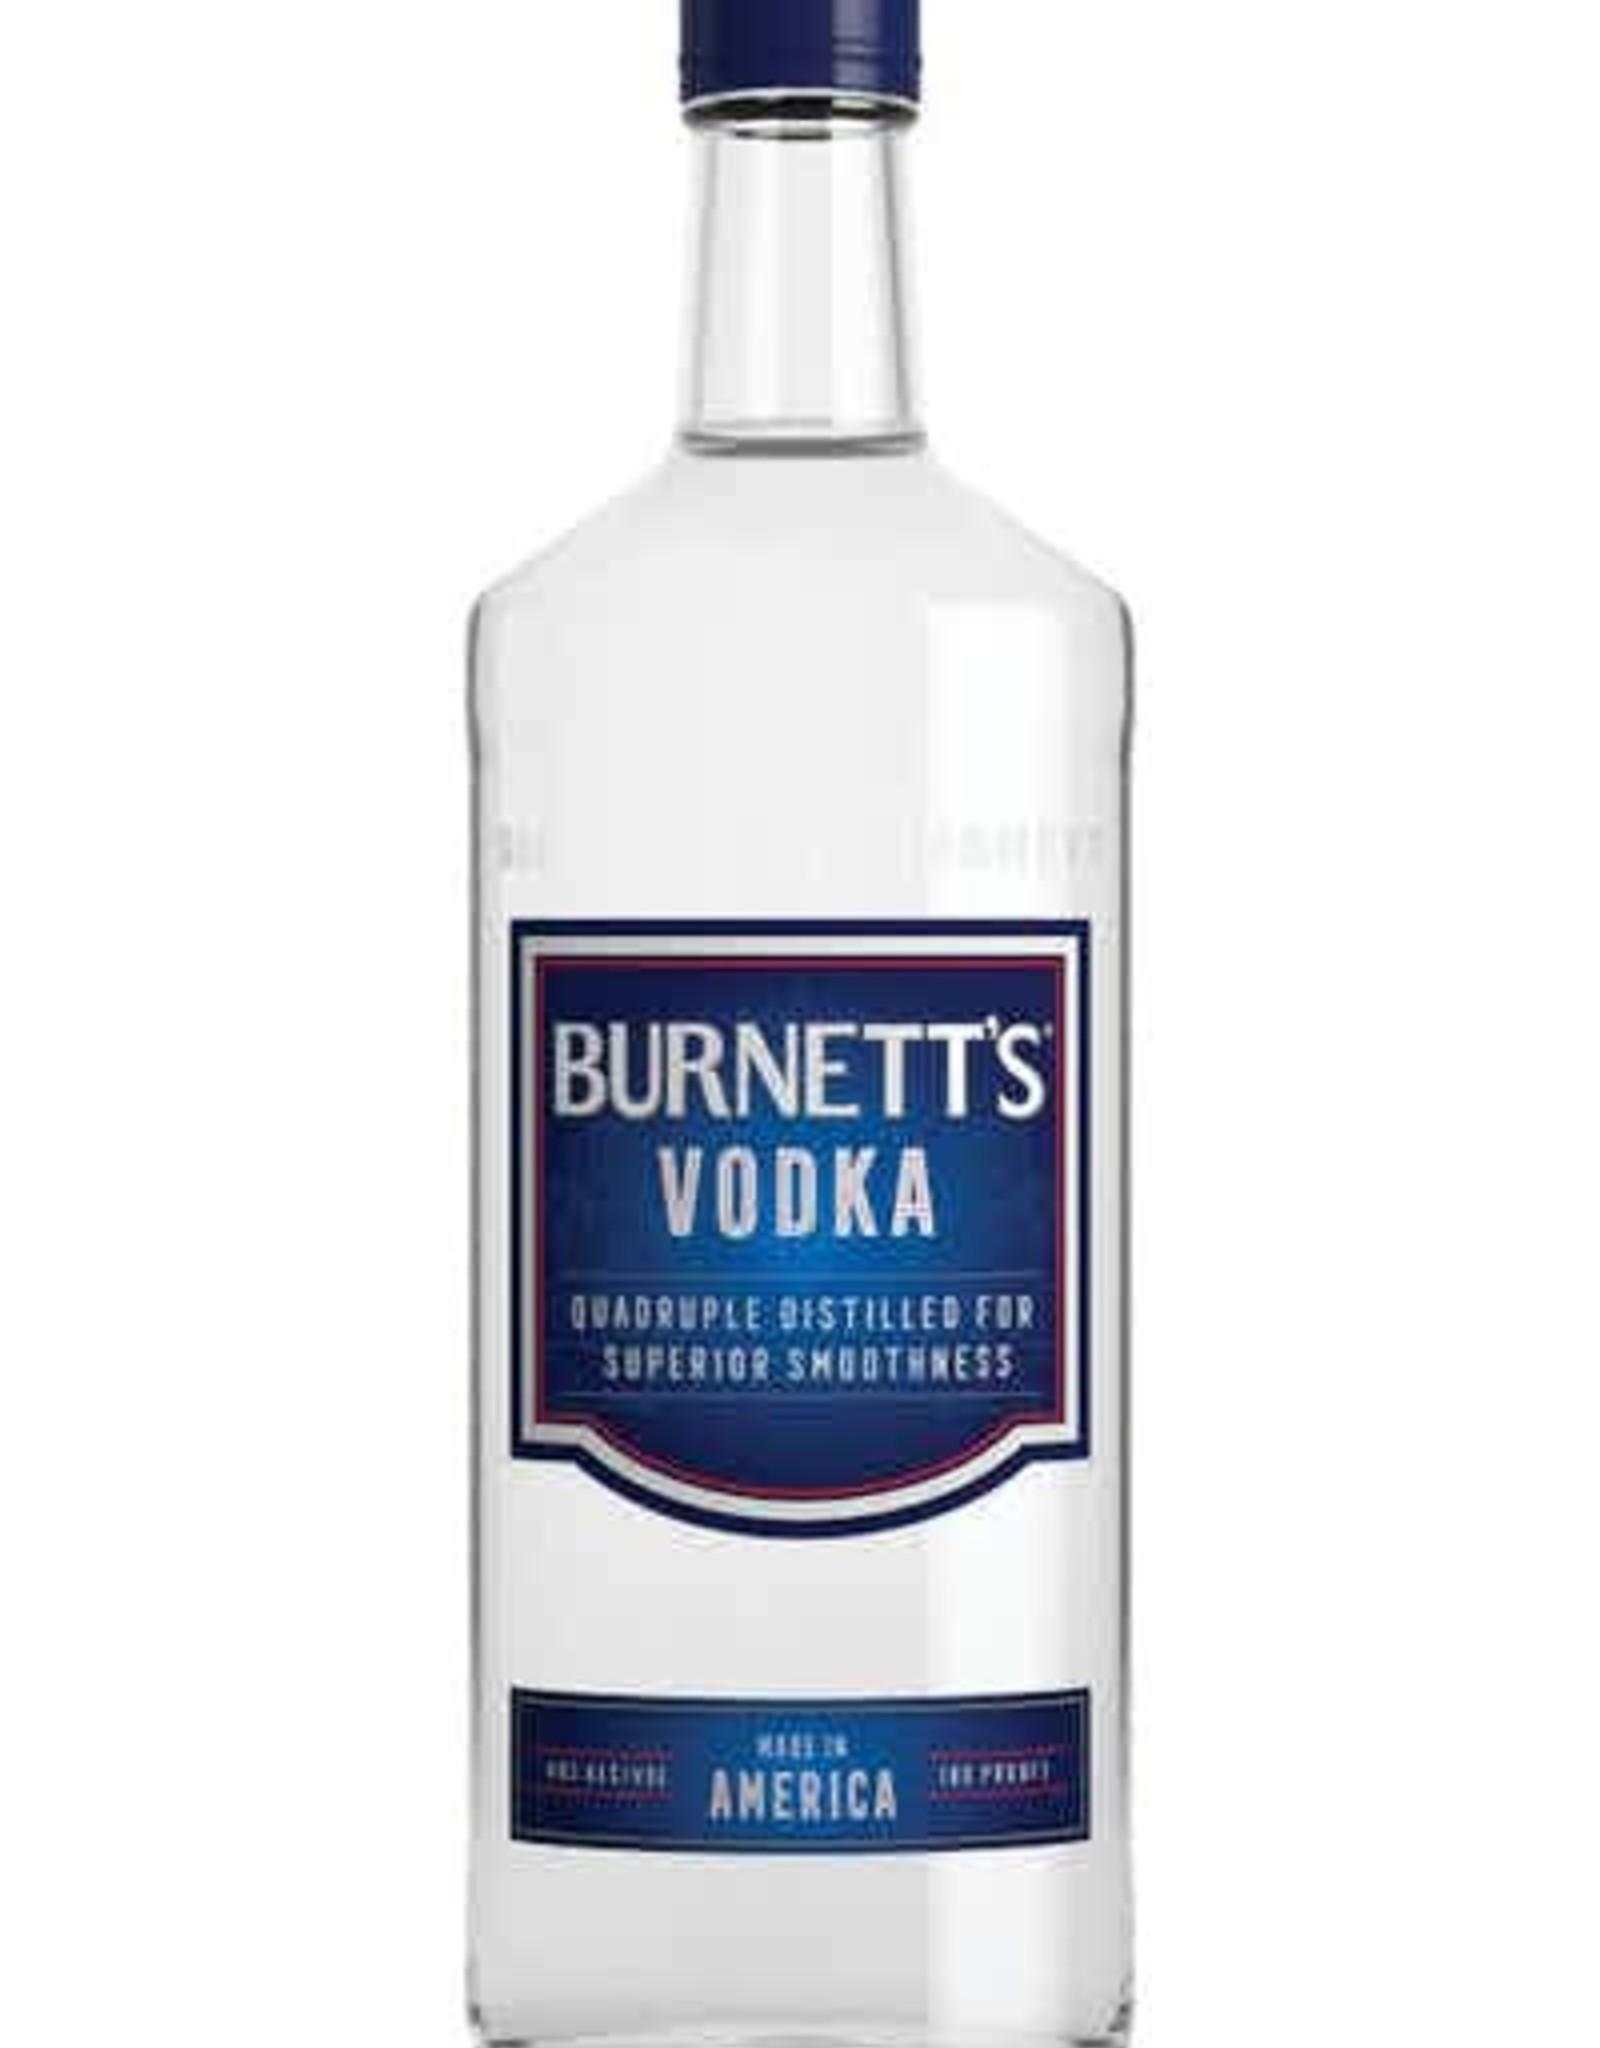 Burnett's Burnett's Vodka